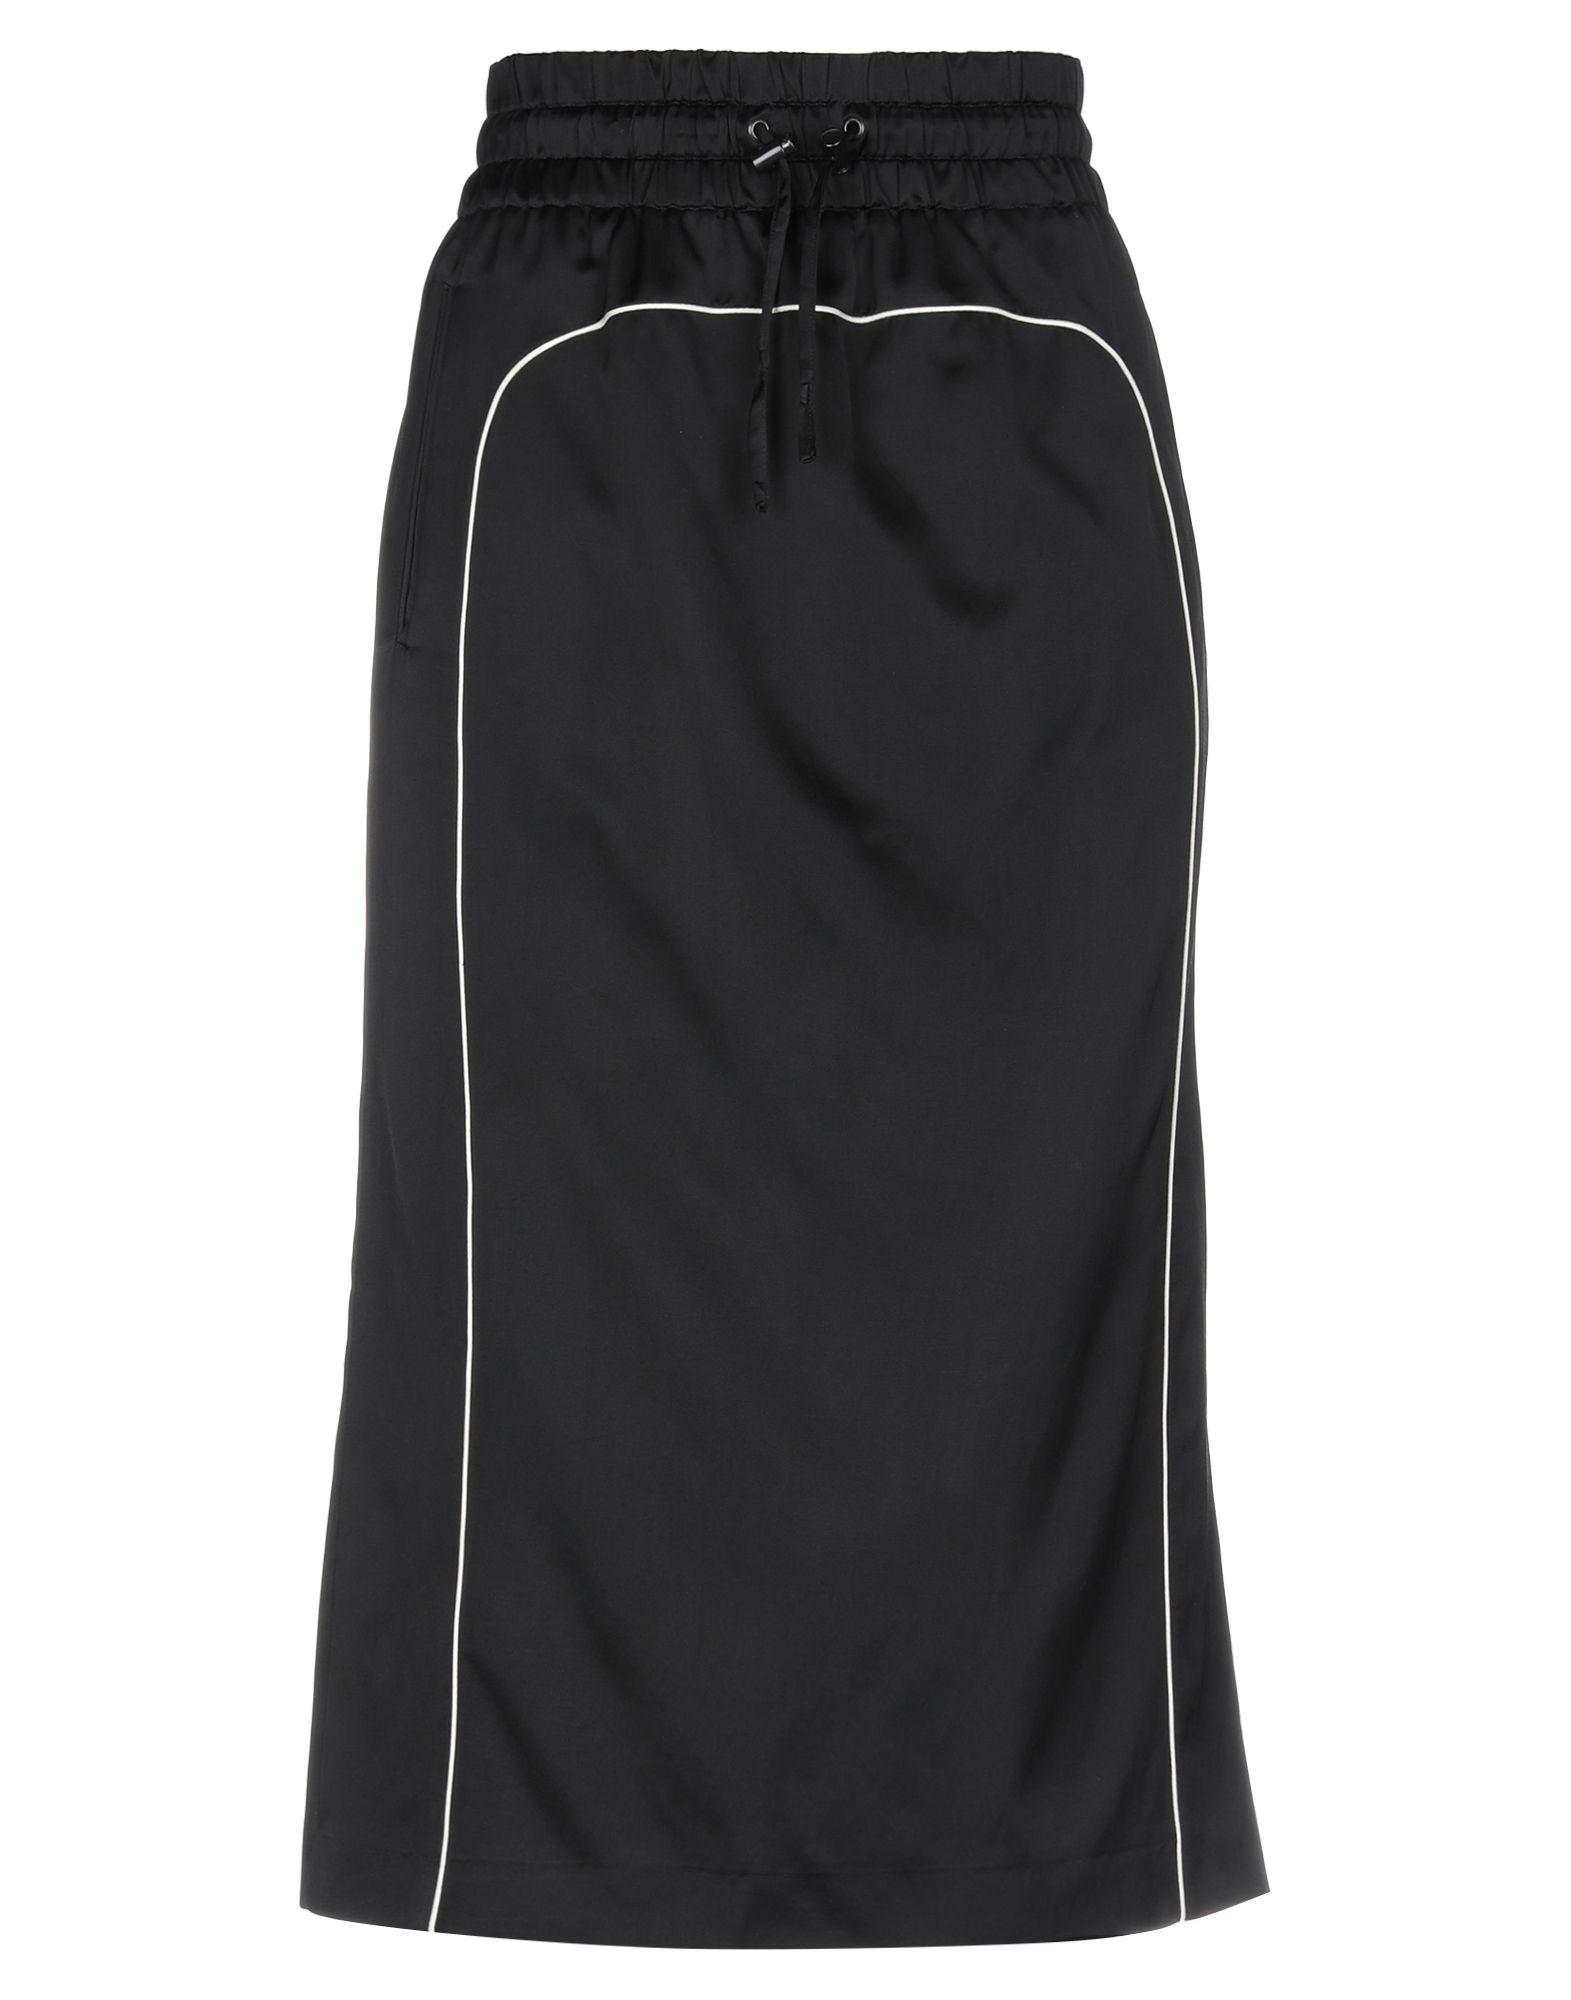 DRIES VAN NOTEN | DRIES VAN NOTEN 3/4 Length Skirts 35415078 | Goxip